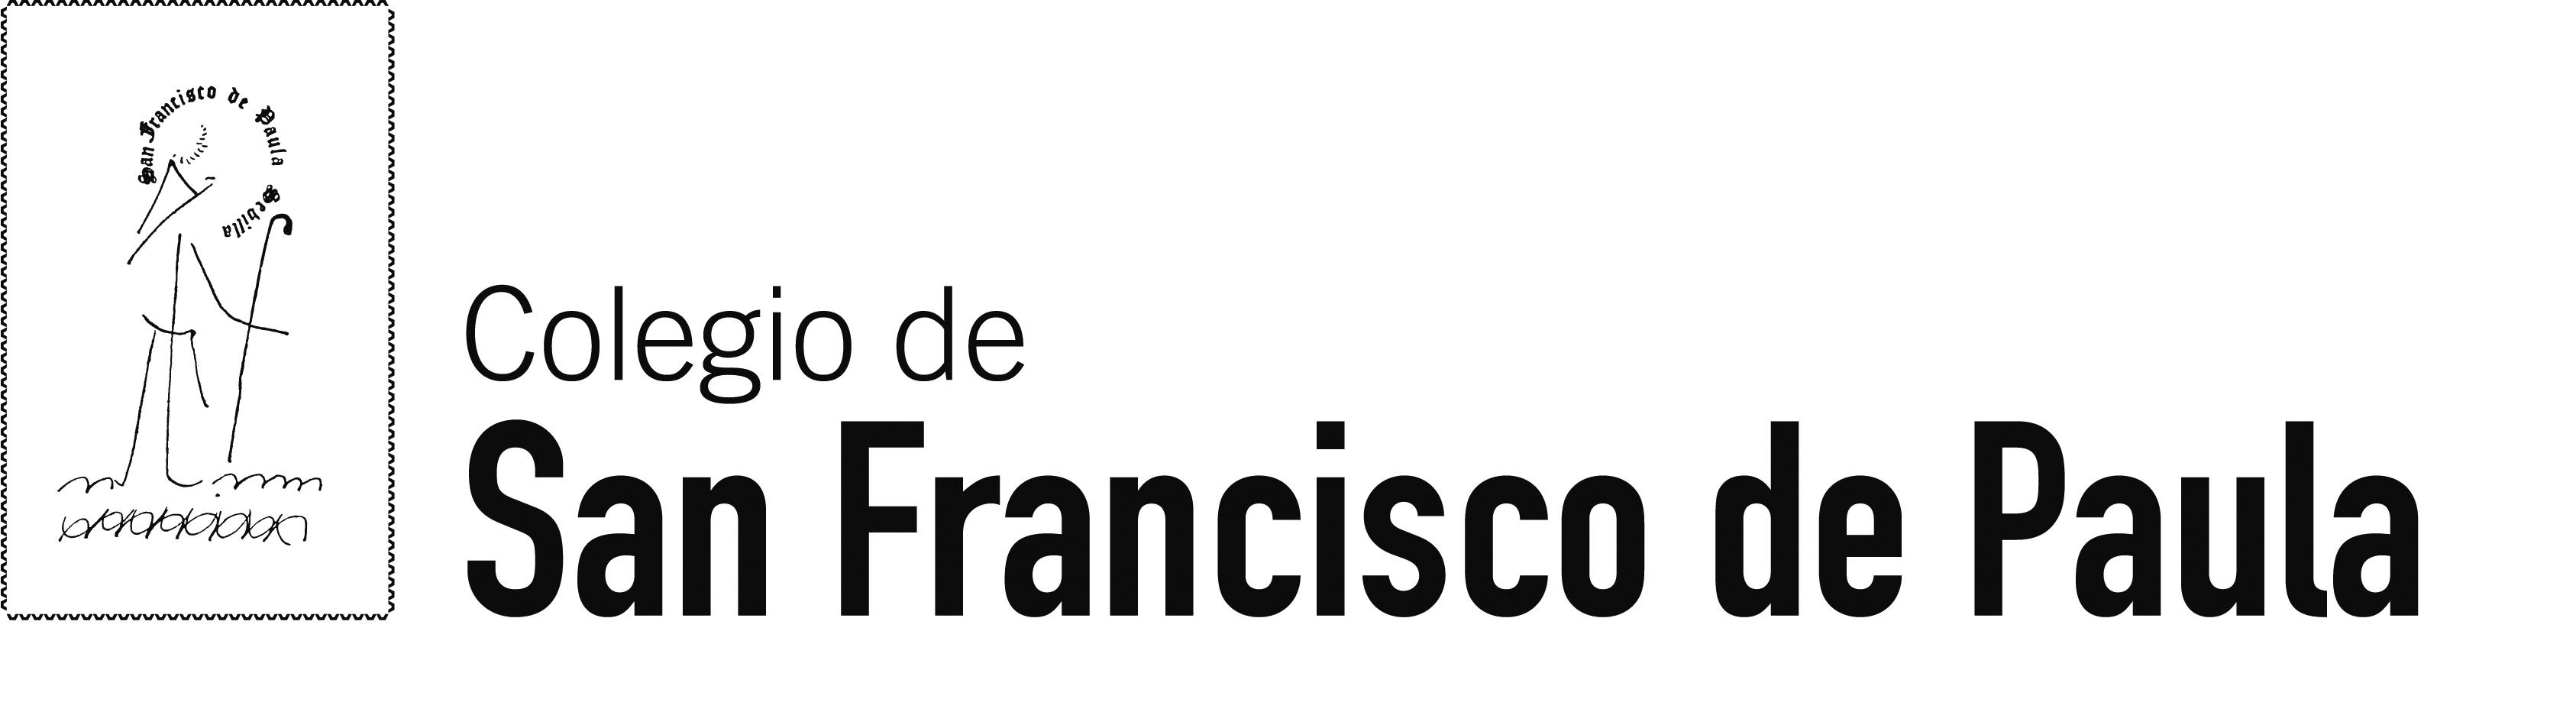 NOTA DE PRENSA: EL ALCALDE DE SEVILLA ACUDE A LA PRESENTACIÓN DEL III FORO CIUDADANÍA DESDE LA ESCUELA EN EL COLEGIO DE SAN FRANCISCO DE PAULA